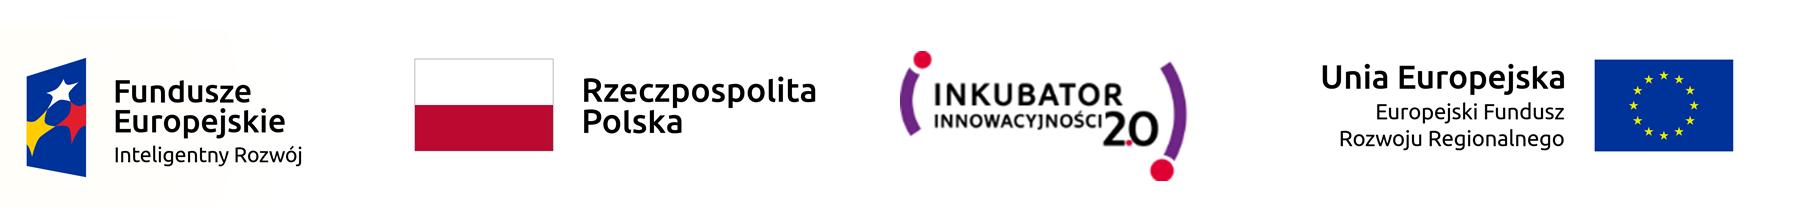 Logotypy Fundusze Europejskie, Rzeczpospolita Polska, Inkubator Innowacyjności 2.0, Unia Europejska